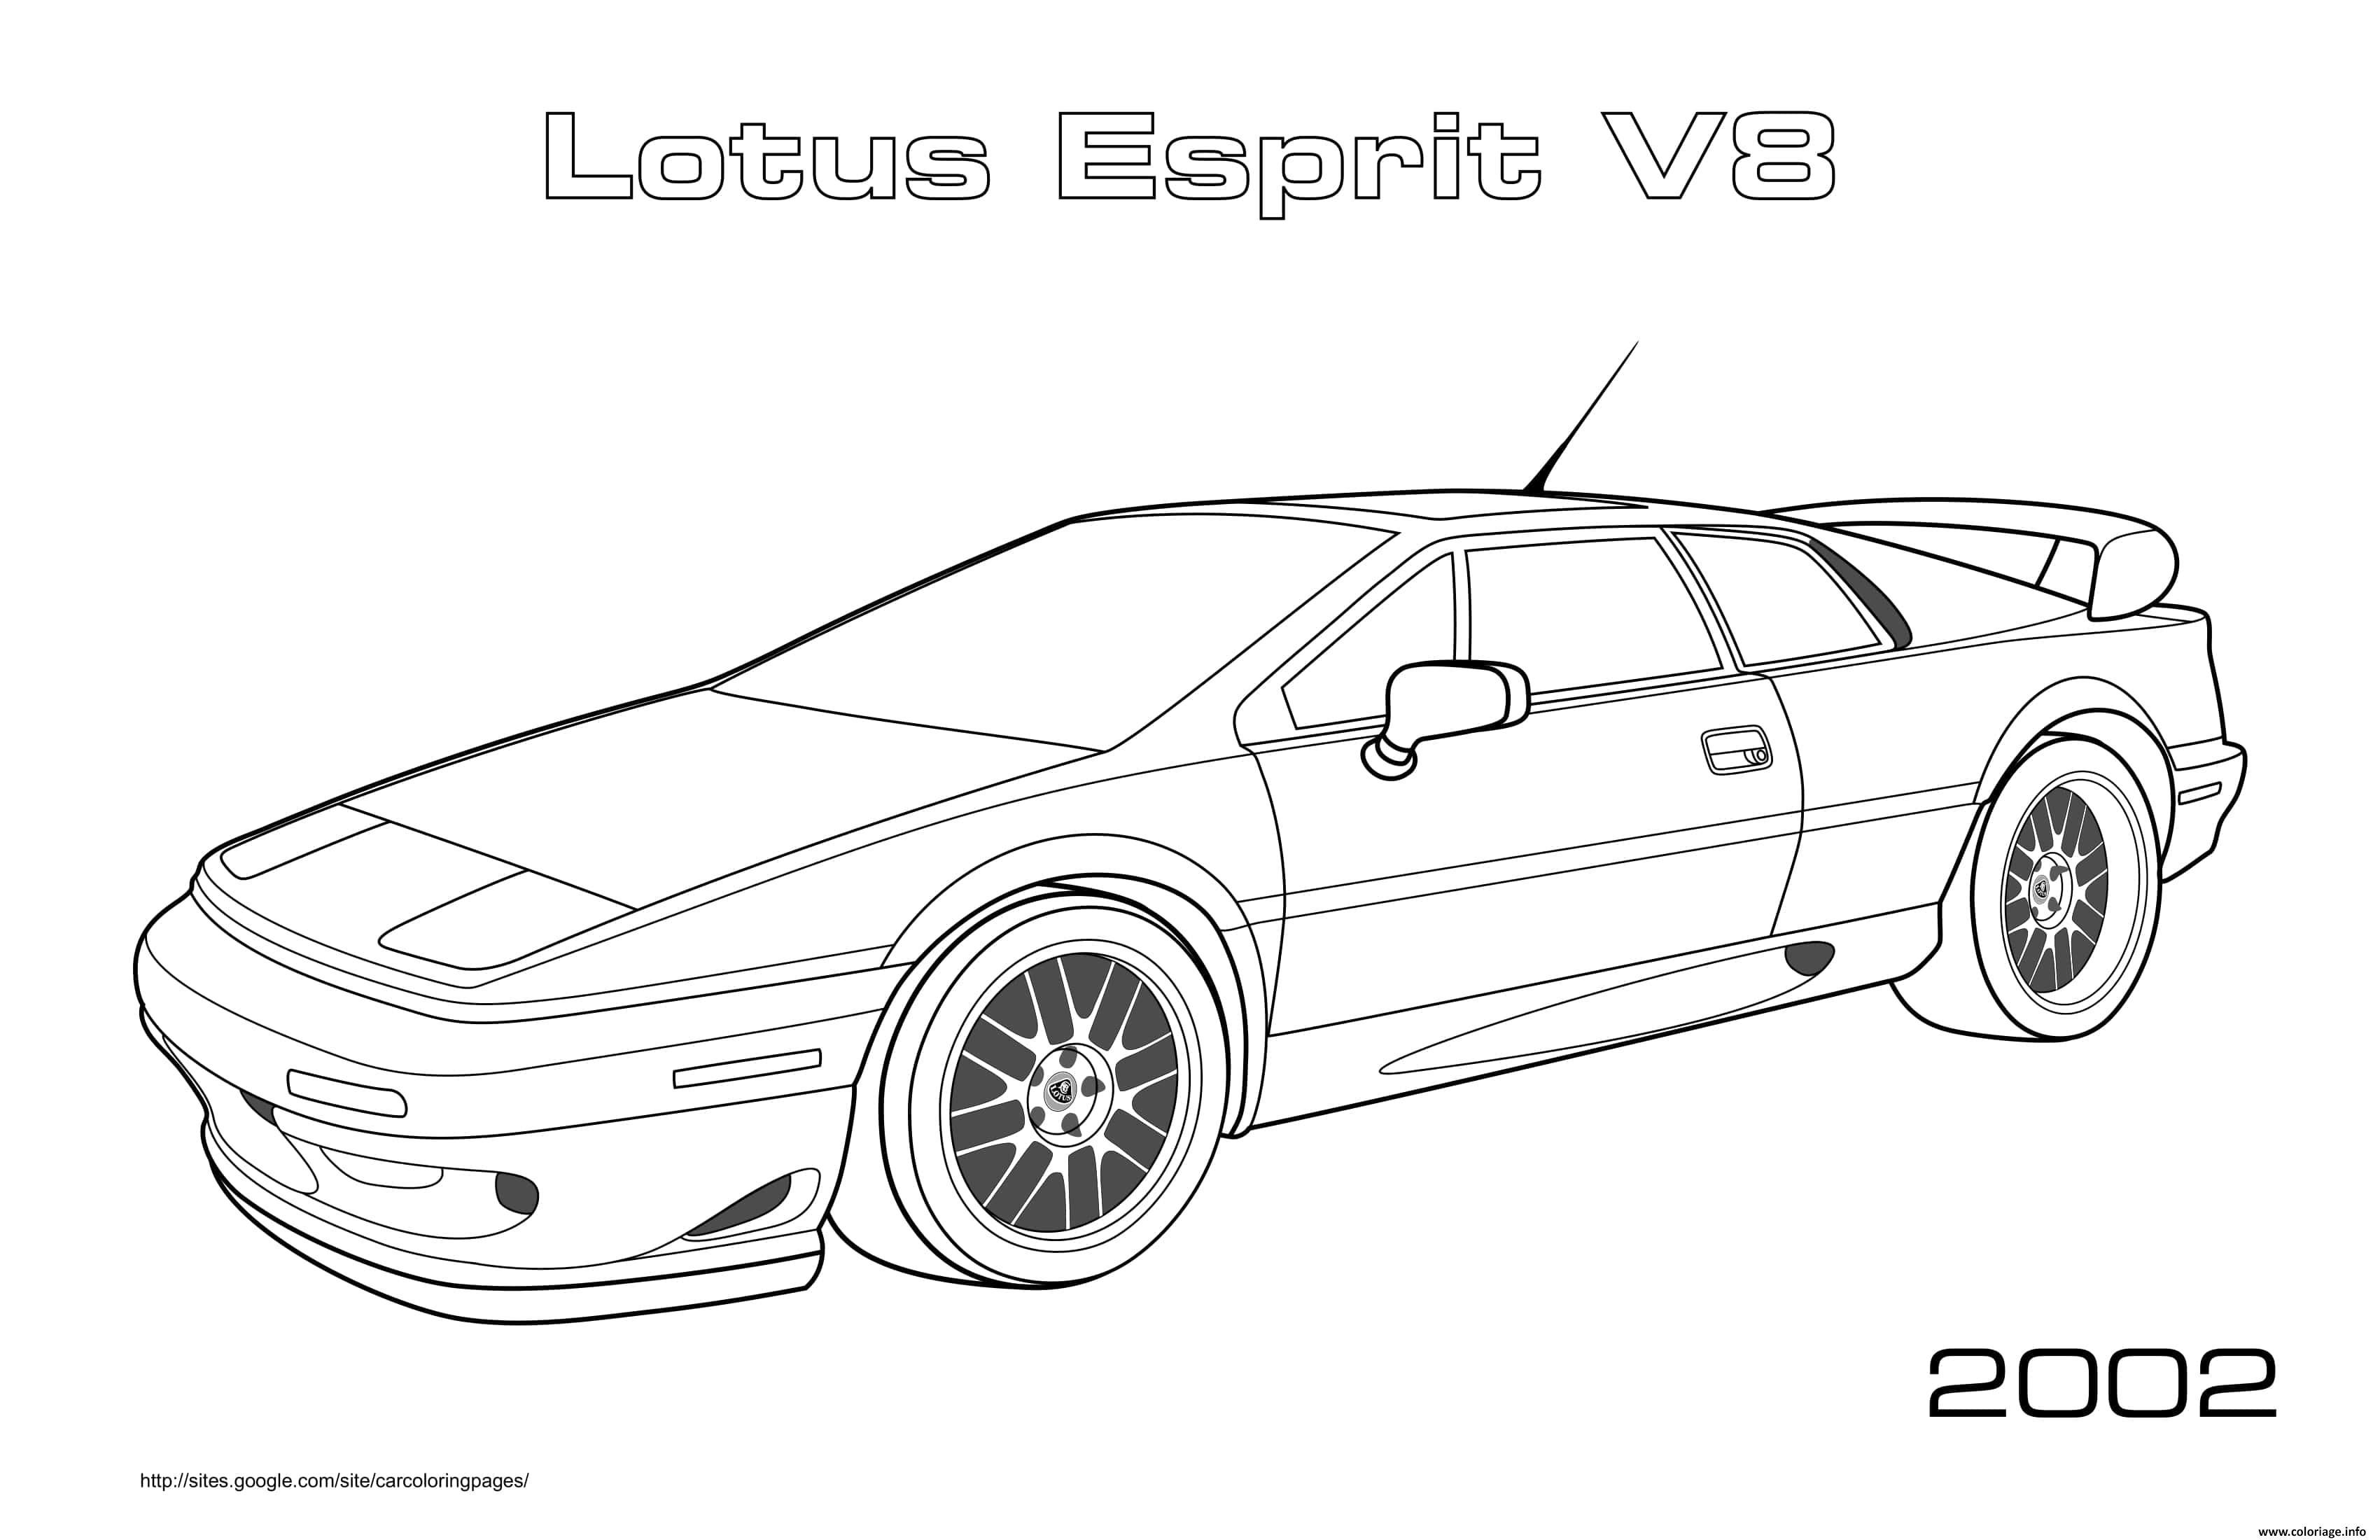 Dessin Lotus Esprit V8 2002 Coloriage Gratuit à Imprimer